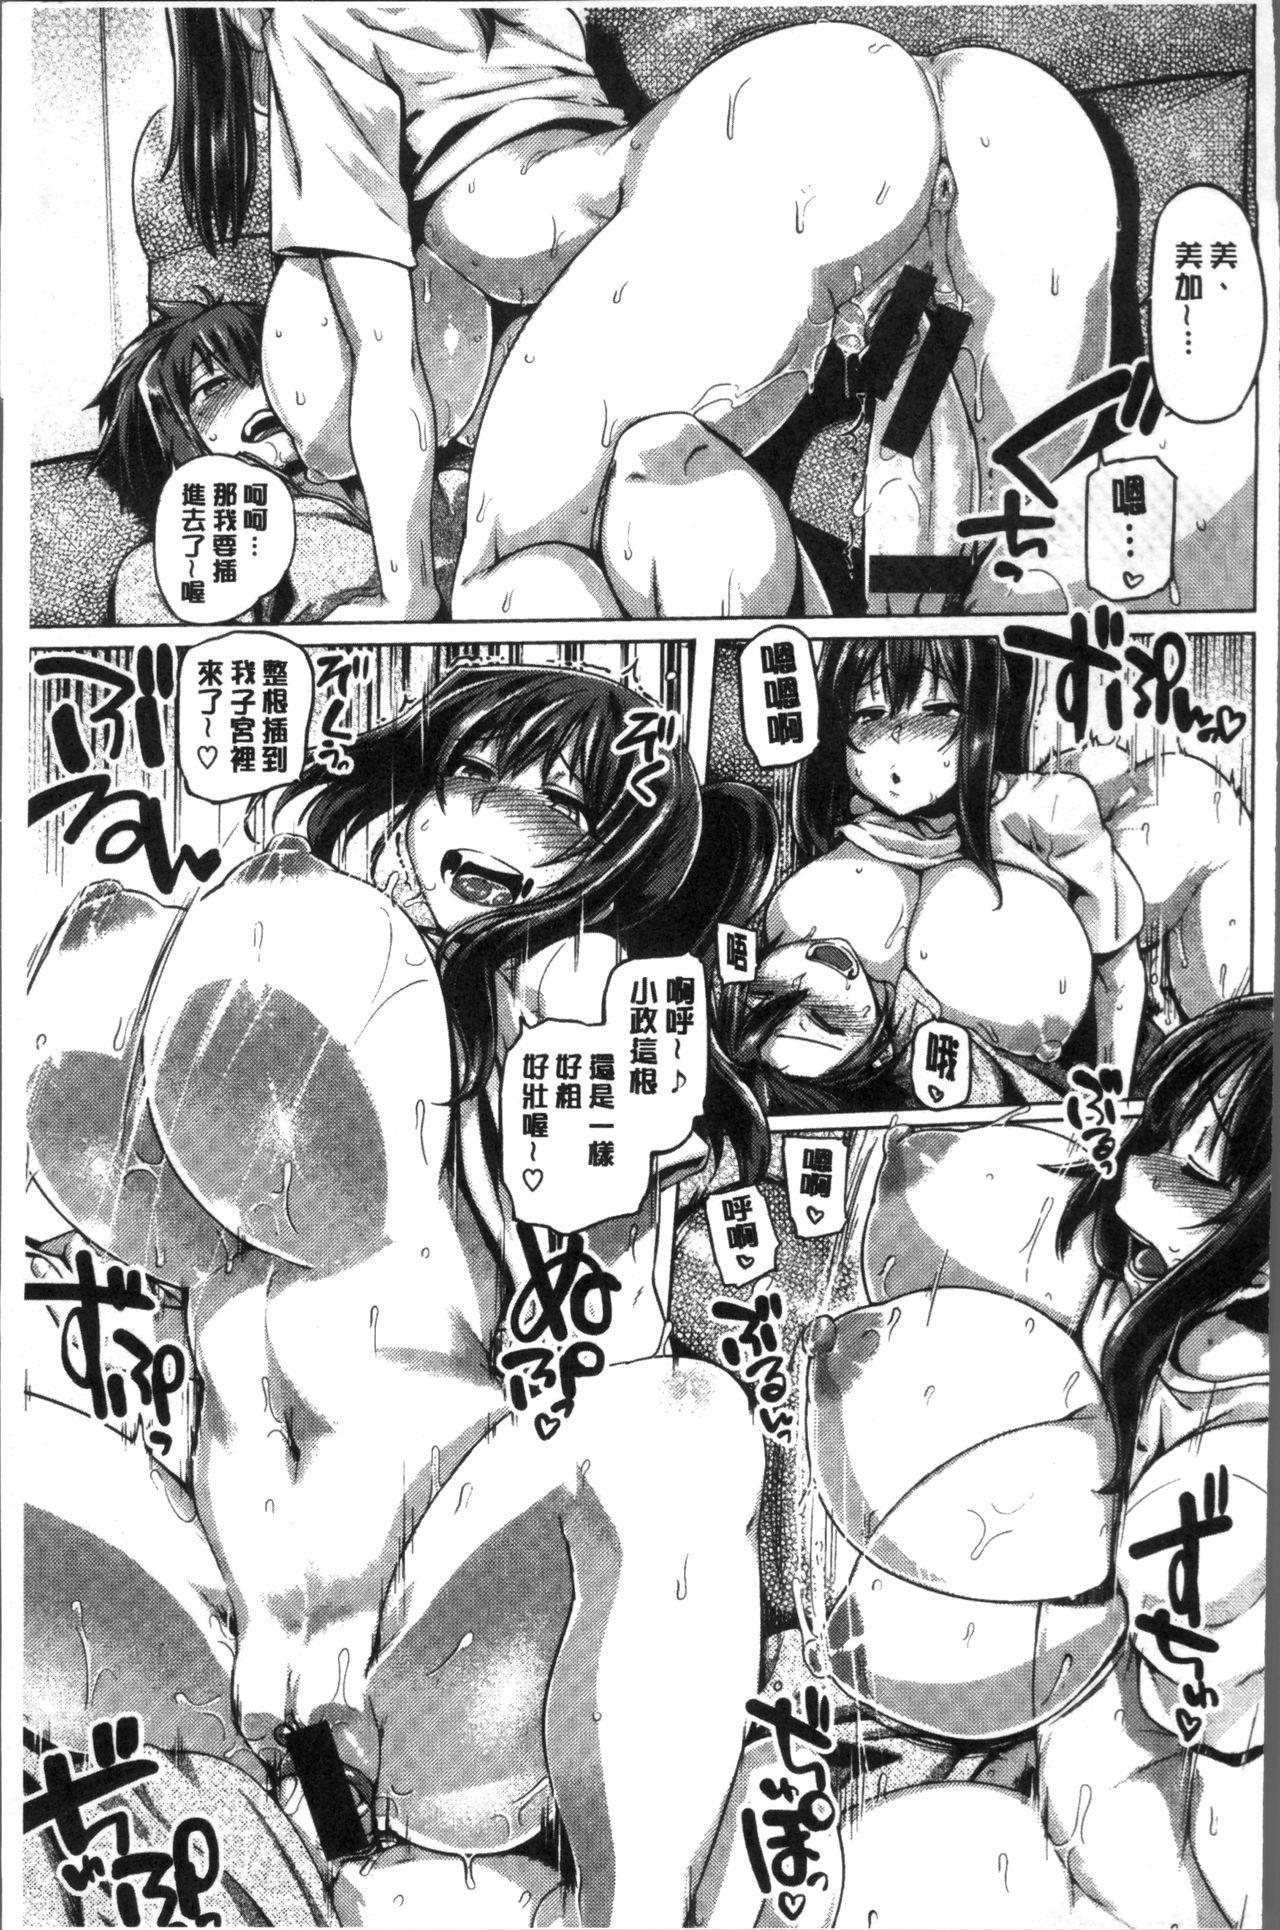 Chichi Shiri Futomomo | 柔乳嫩尻性感美腿 120